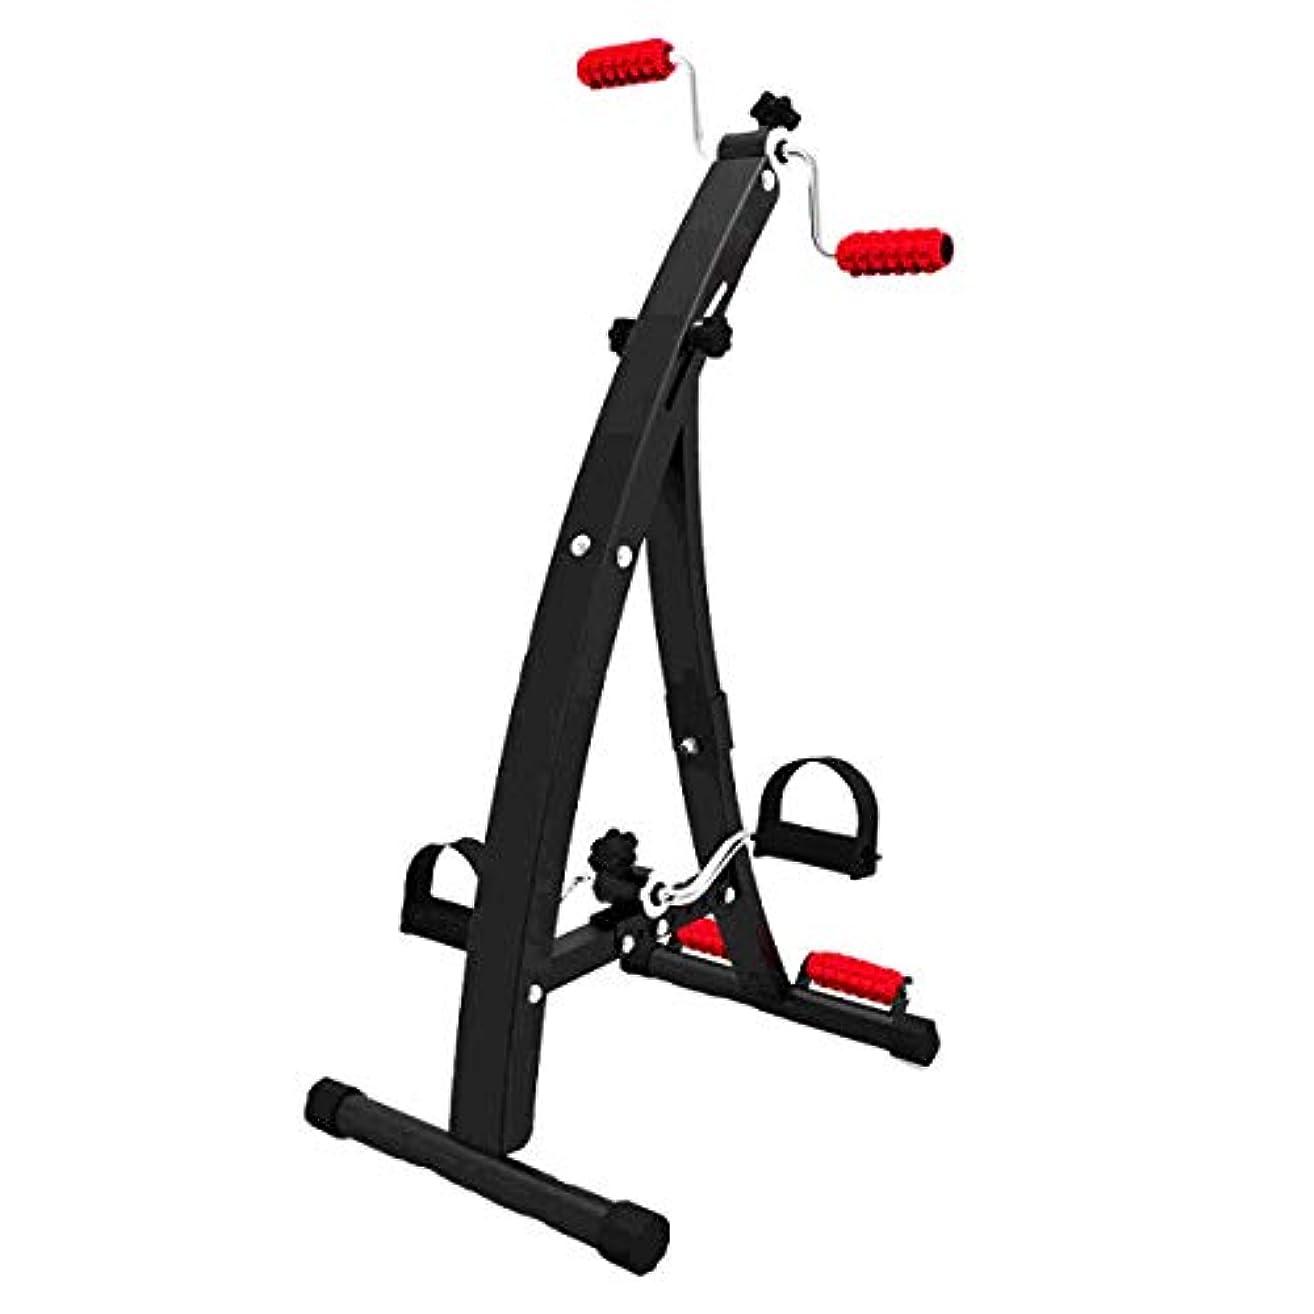 正確にデュアルそれにもかかわらずペダルエクササイザー、医療リハビリテーション体操上肢および下肢のトレーニング機器、筋萎縮リハビリテーション訓練を防ぐ,A